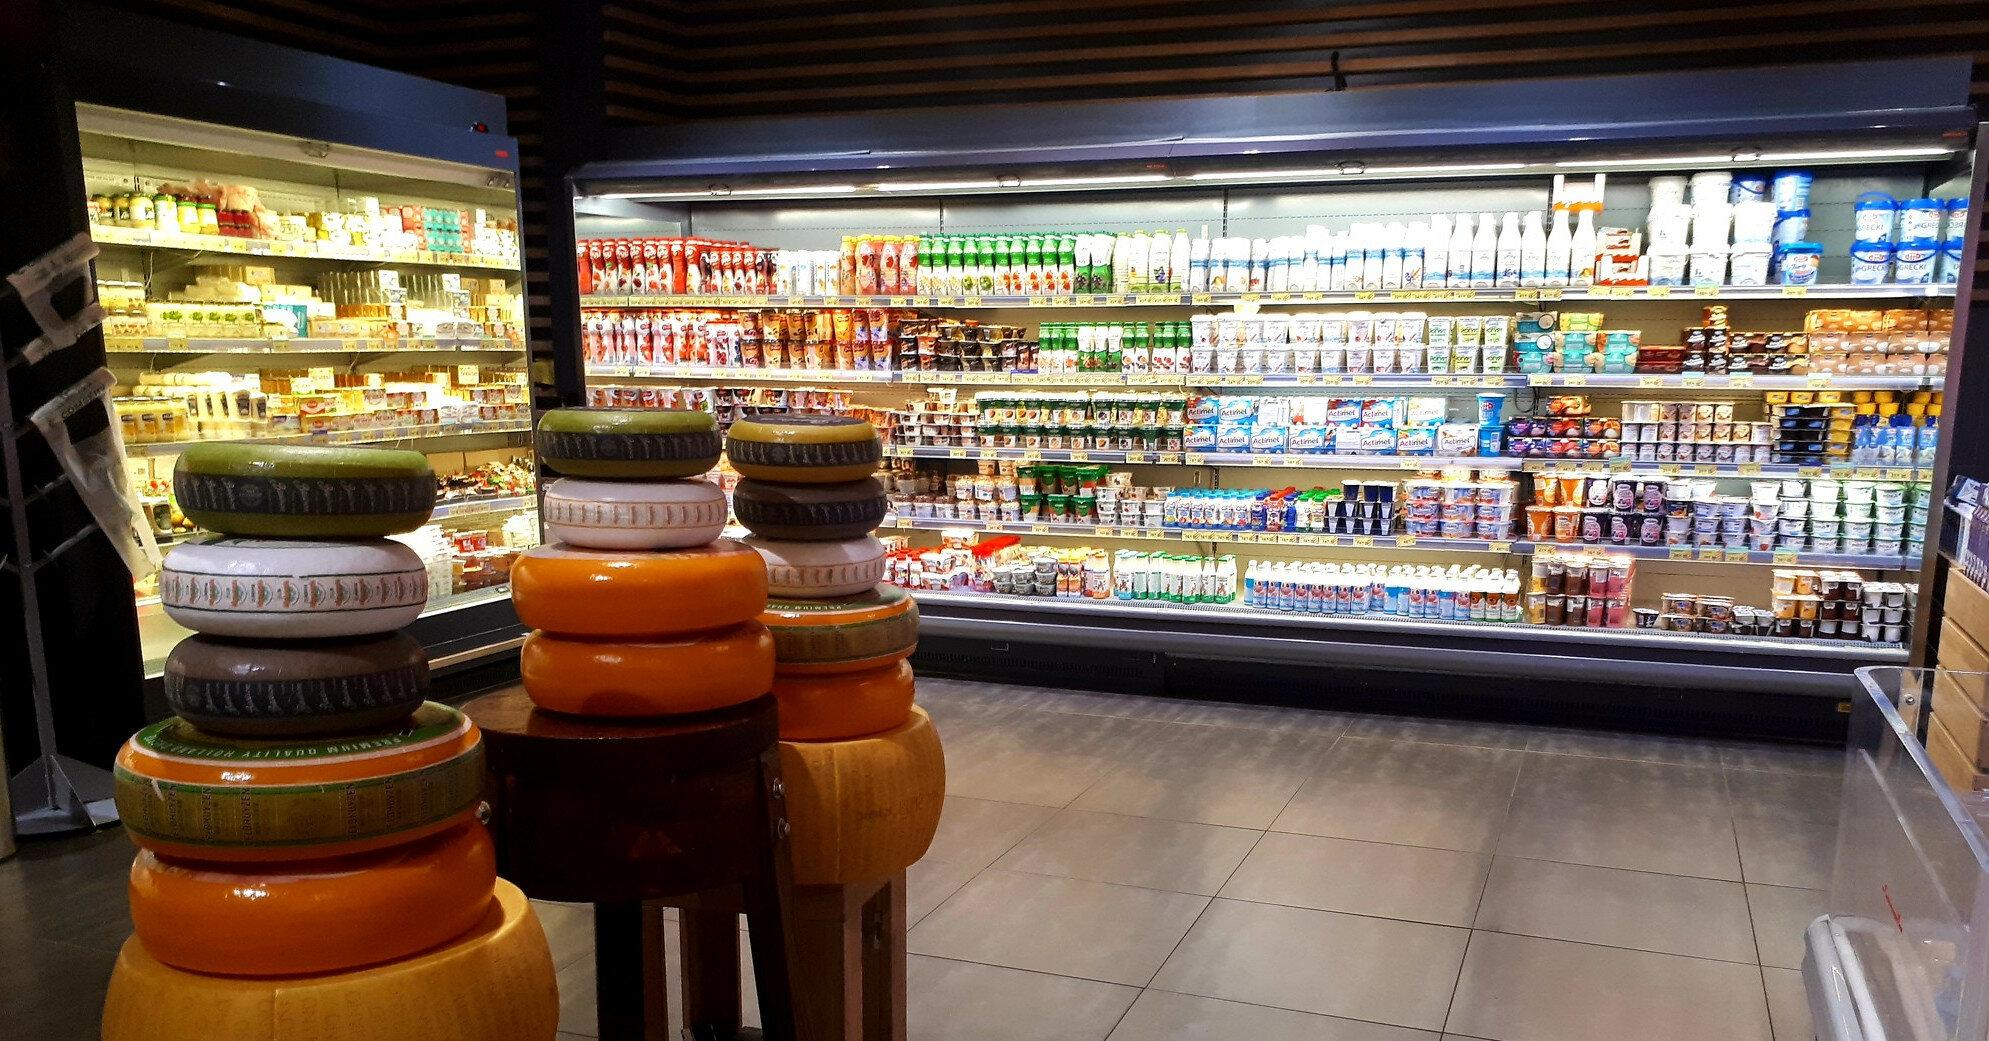 Цены набрали высоту: подорожают ли продукты и импортные товары